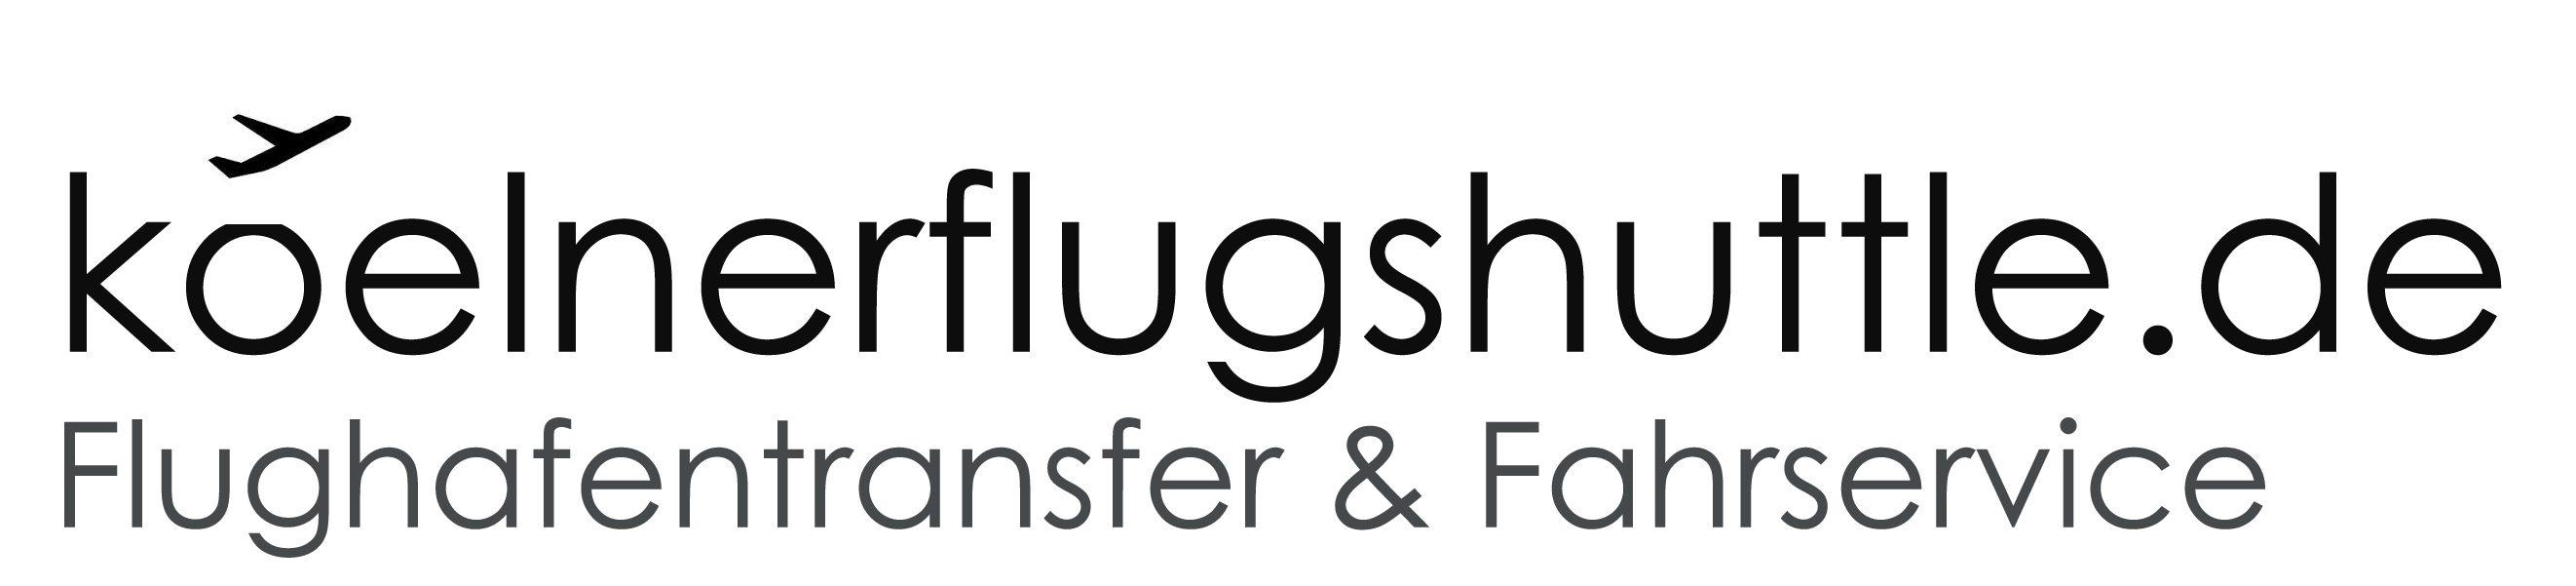 www.koelnerflugshuttle.de